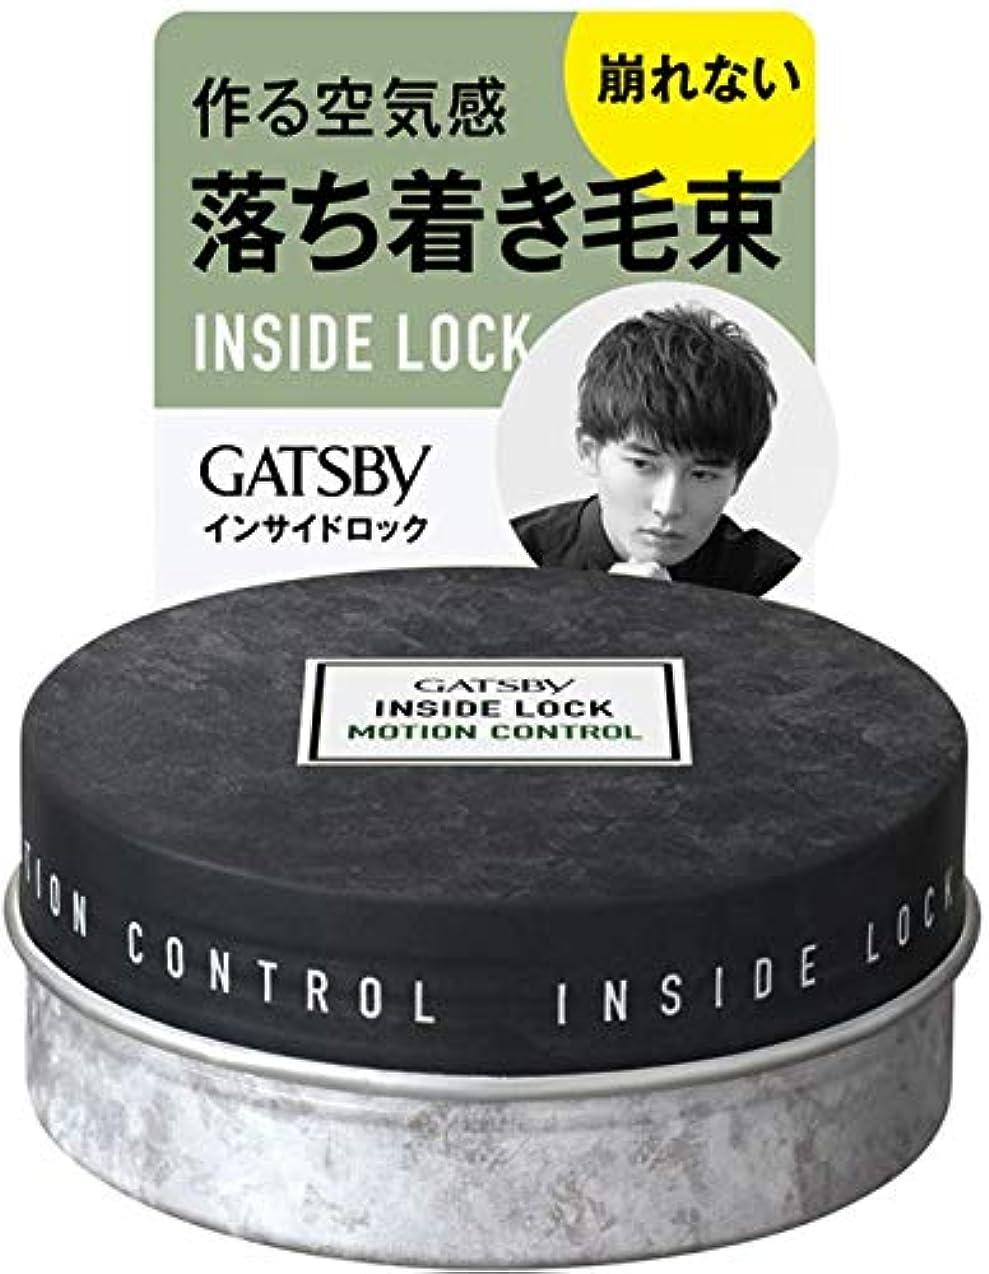 不機嫌の砂漠GATSBY(ギャツビー) ギャツビー インサイドロック モーションコントロール ワックス ヘアワックス 75g×6個